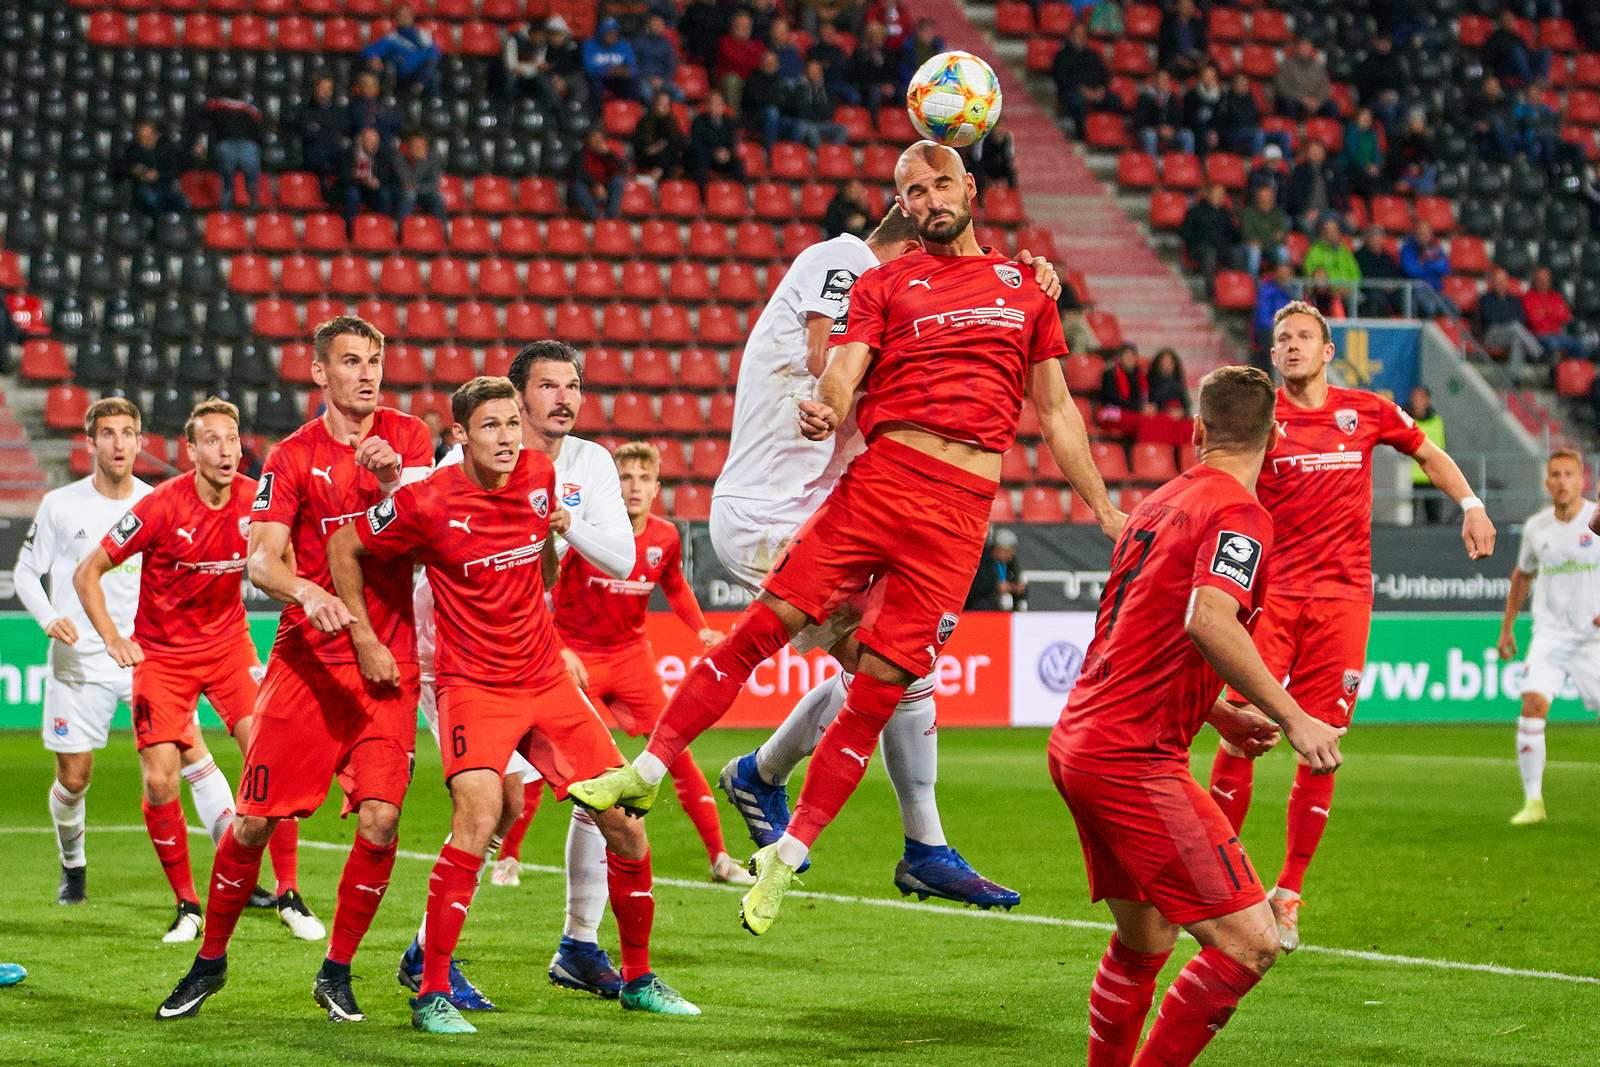 Nico Antonitsch im Spiel gegen Unterhaching.